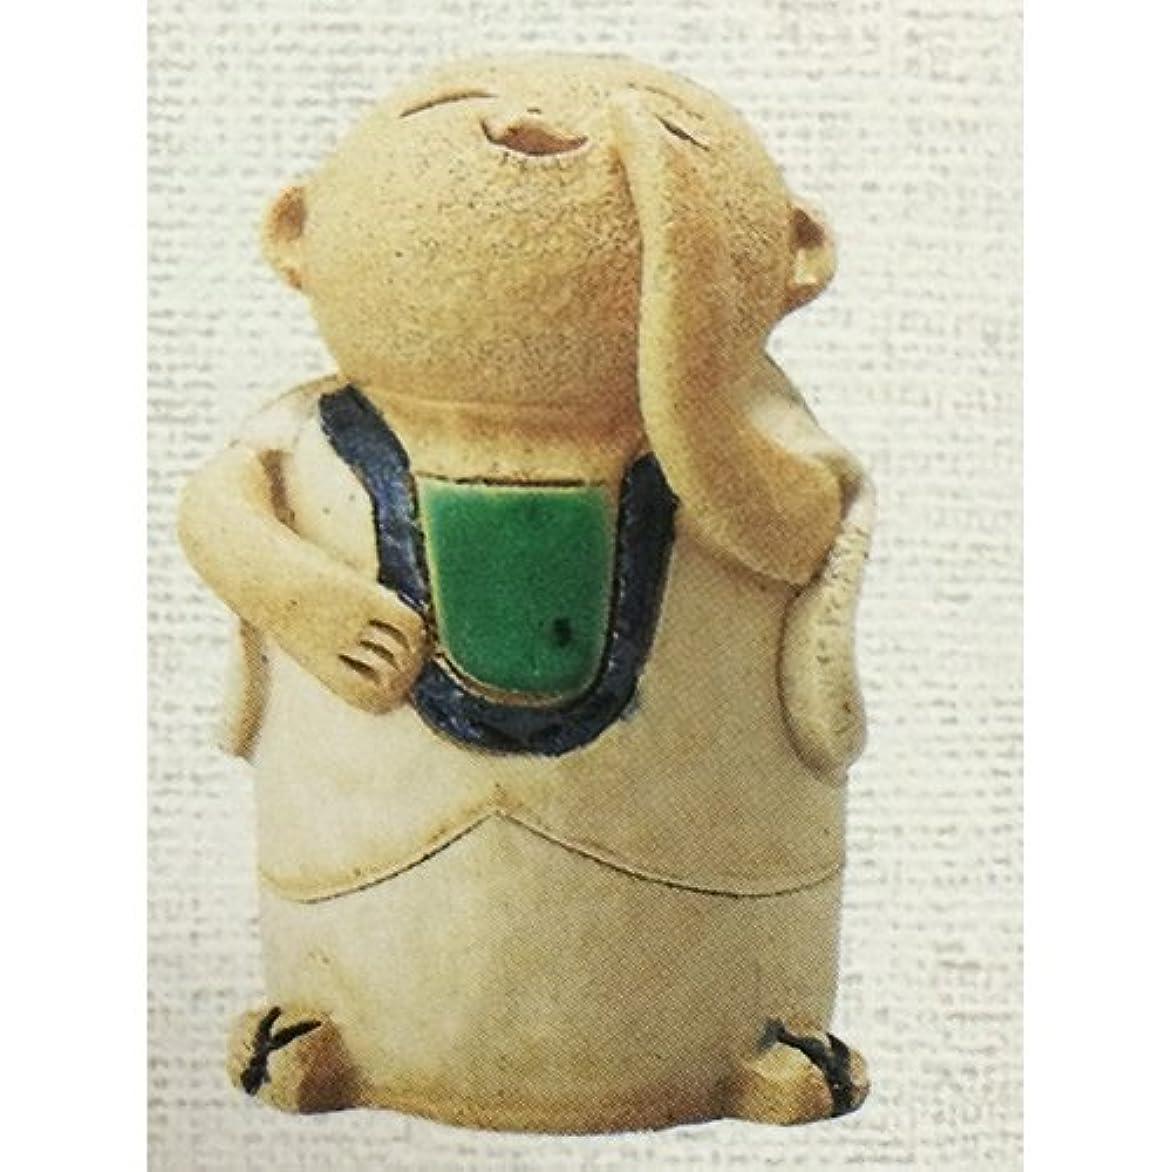 お地蔵さん 呼び掛け地蔵 香炉(小) [R6xH10cm] HANDMADE プレゼント ギフト 和食器 かわいい インテリア